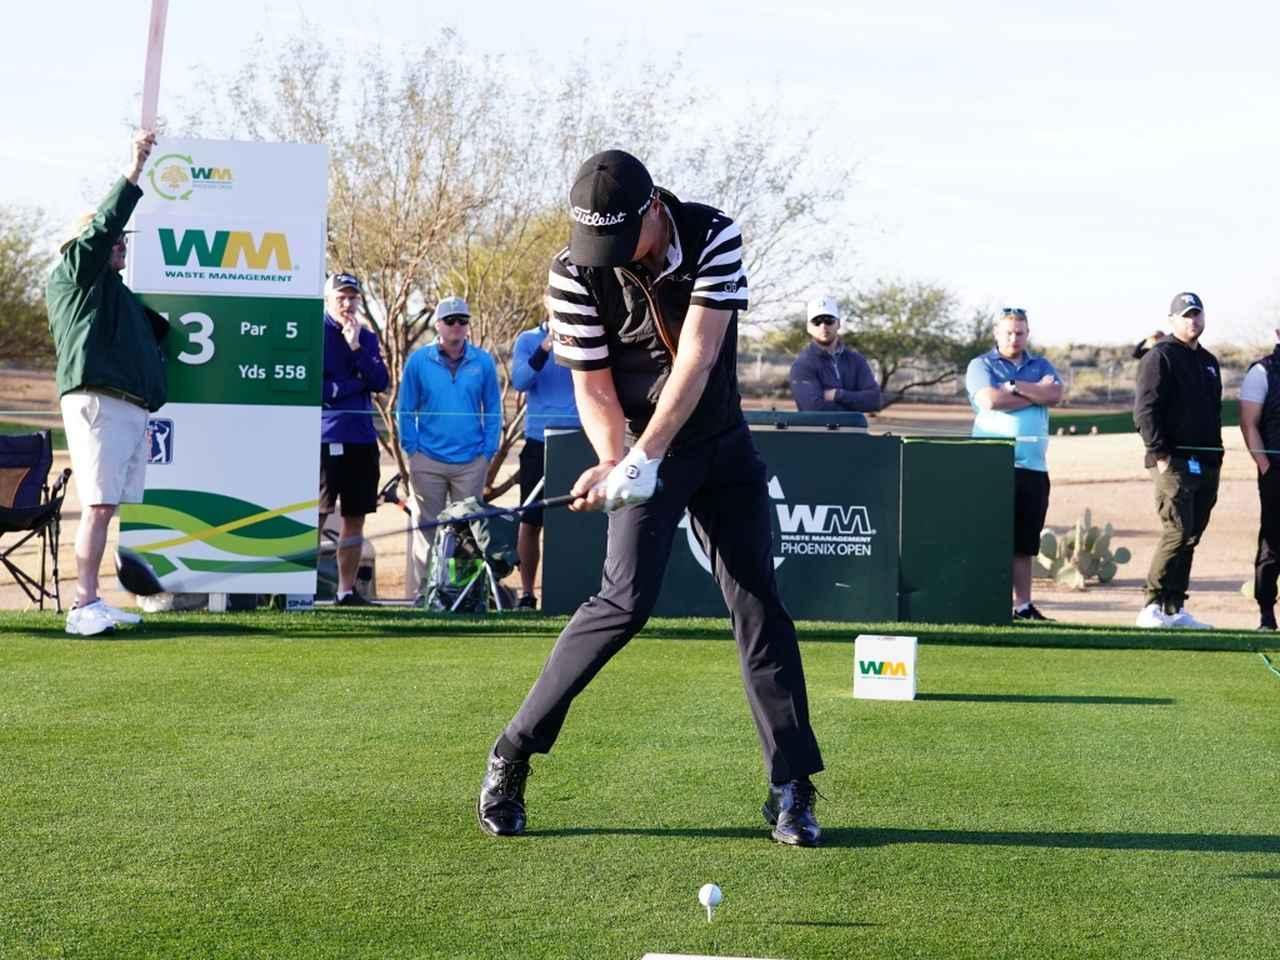 画像20: 【ギア研究】PGAツアートップ選手のレプリカドライバーを組んで打った。「運命のシャフトとヘッド」見つけ方